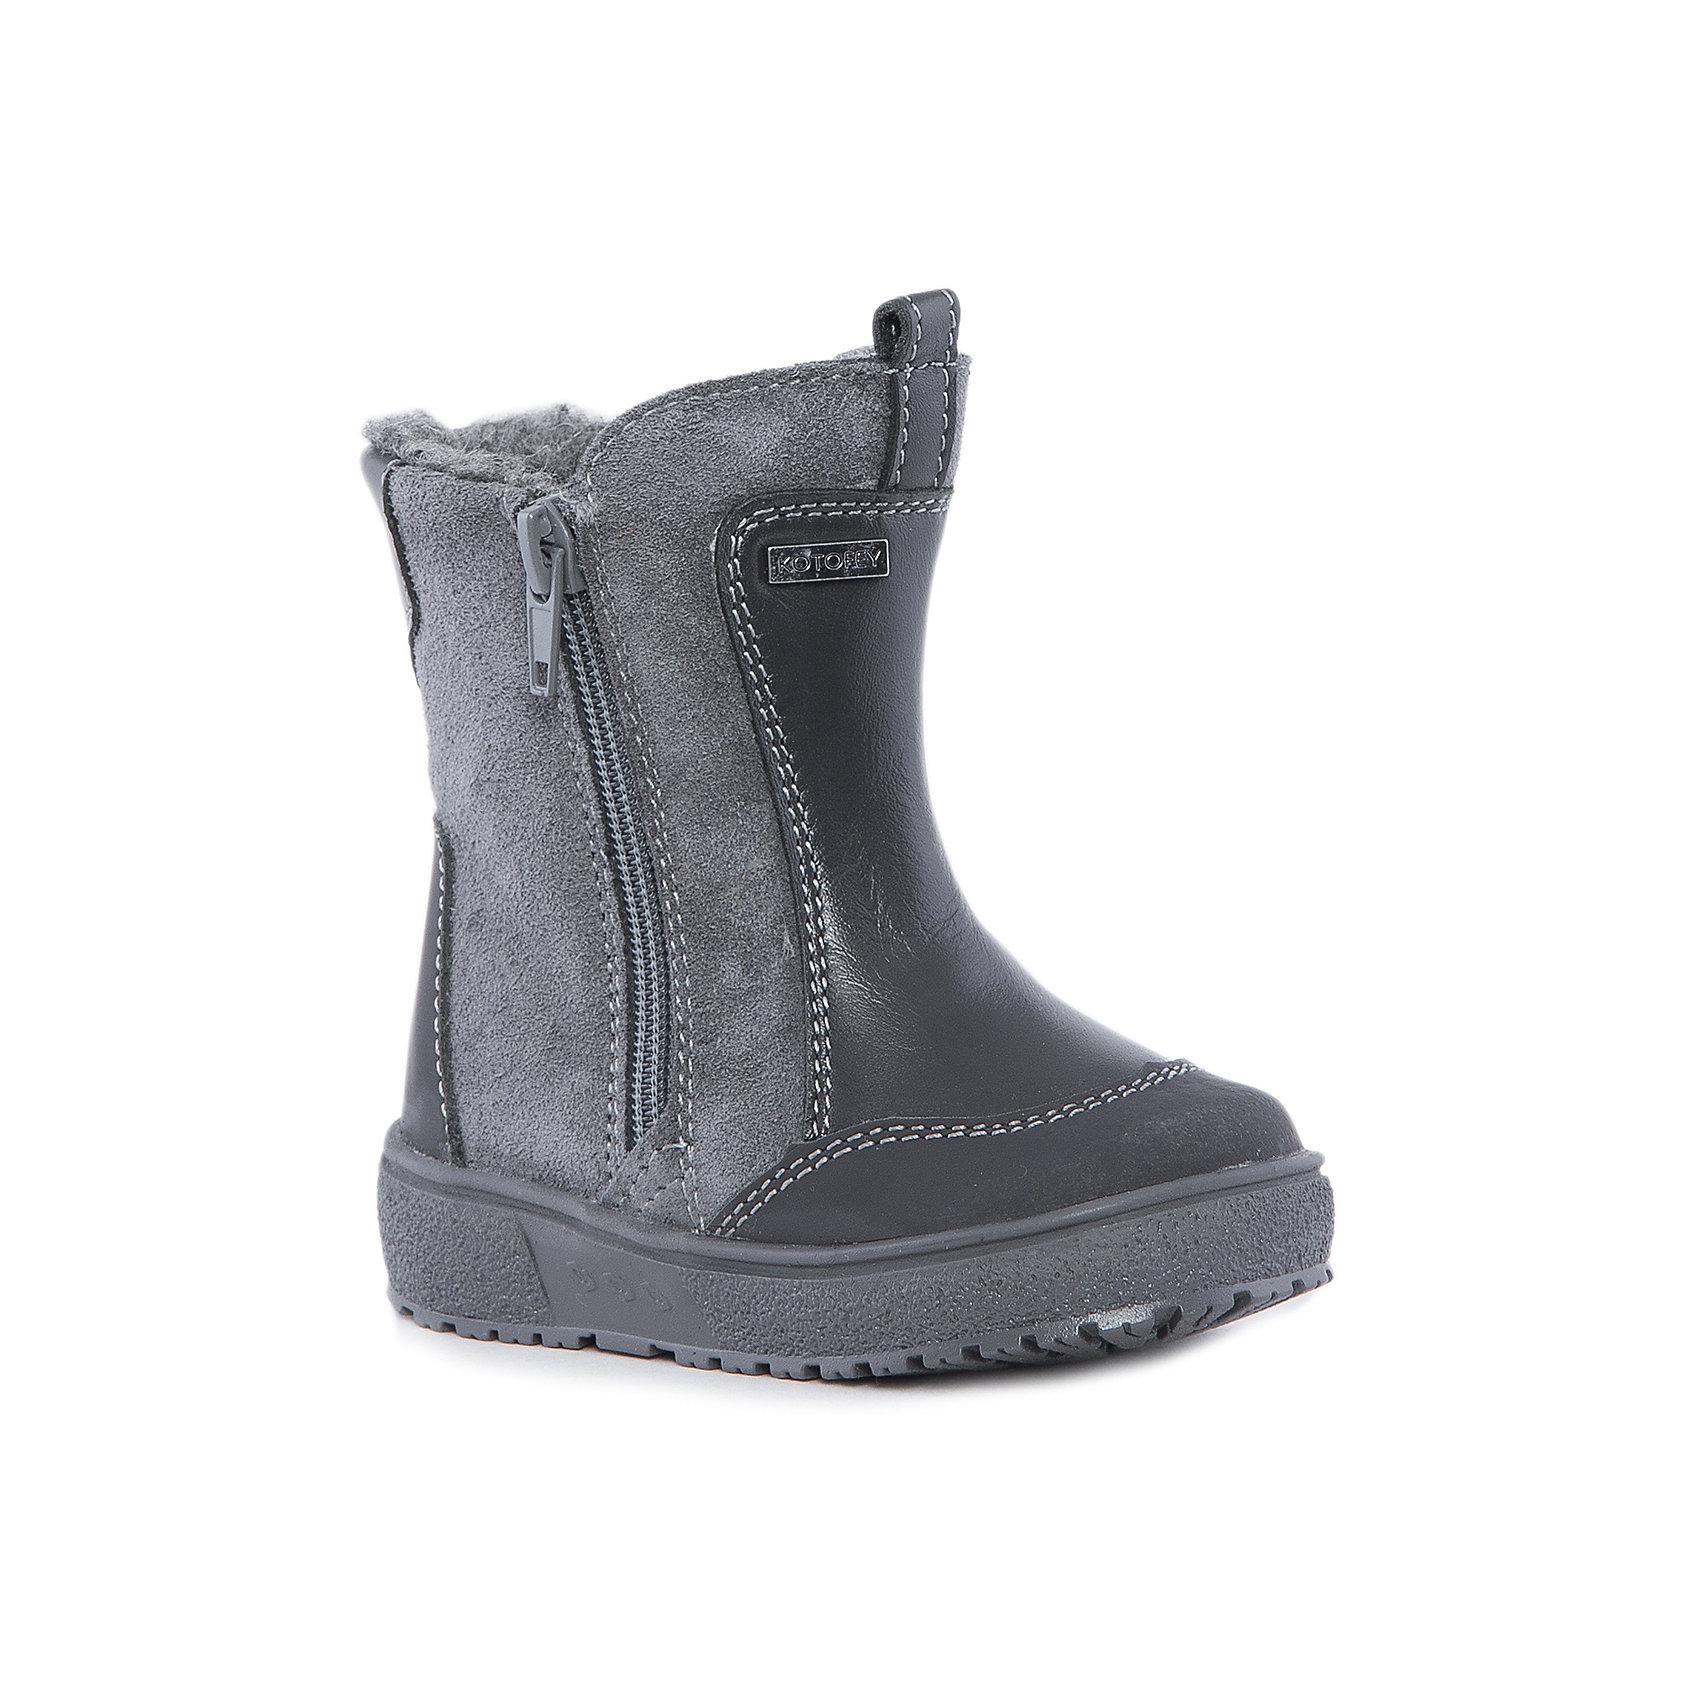 Сапоги для мальчика КотофейКотофей – качественная и стильная детская обувь по доступным ценам. С каждым днем популярность бренда растет.  Выбор детской обуви – серьезное и ответственное занятие, так как от качества ботиночек зависит здоровье малыша. Кожа и замша – классическое сочетание стильной обуви. Никаких украшений, аппликаций и прочего. Только классика и стиль.<br>Универсальный пошив без лишних деталей подойдет к любой одежде.<br><br>Дополнительная информация:<br><br>цвет: серый;<br>вид крепления: на клею;<br>застежка: молния;<br>температурный режим: от -15 °С до +5° С.<br><br>Состав:<br>материал верха – натуральная кожа;<br>подкладка – мех шерстяной;<br>подошва – ТЭП.<br><br>Зимние сапожки из натуральных материалов для мальчика ясельного возраста от фирмы Котофей можно приобрести у нас в магазине.<br><br>Ширина мм: 257<br>Глубина мм: 180<br>Высота мм: 130<br>Вес г: 420<br>Цвет: серый<br>Возраст от месяцев: 15<br>Возраст до месяцев: 18<br>Пол: Мужской<br>Возраст: Детский<br>Размер: 22,24,23,21<br>SKU: 4982344